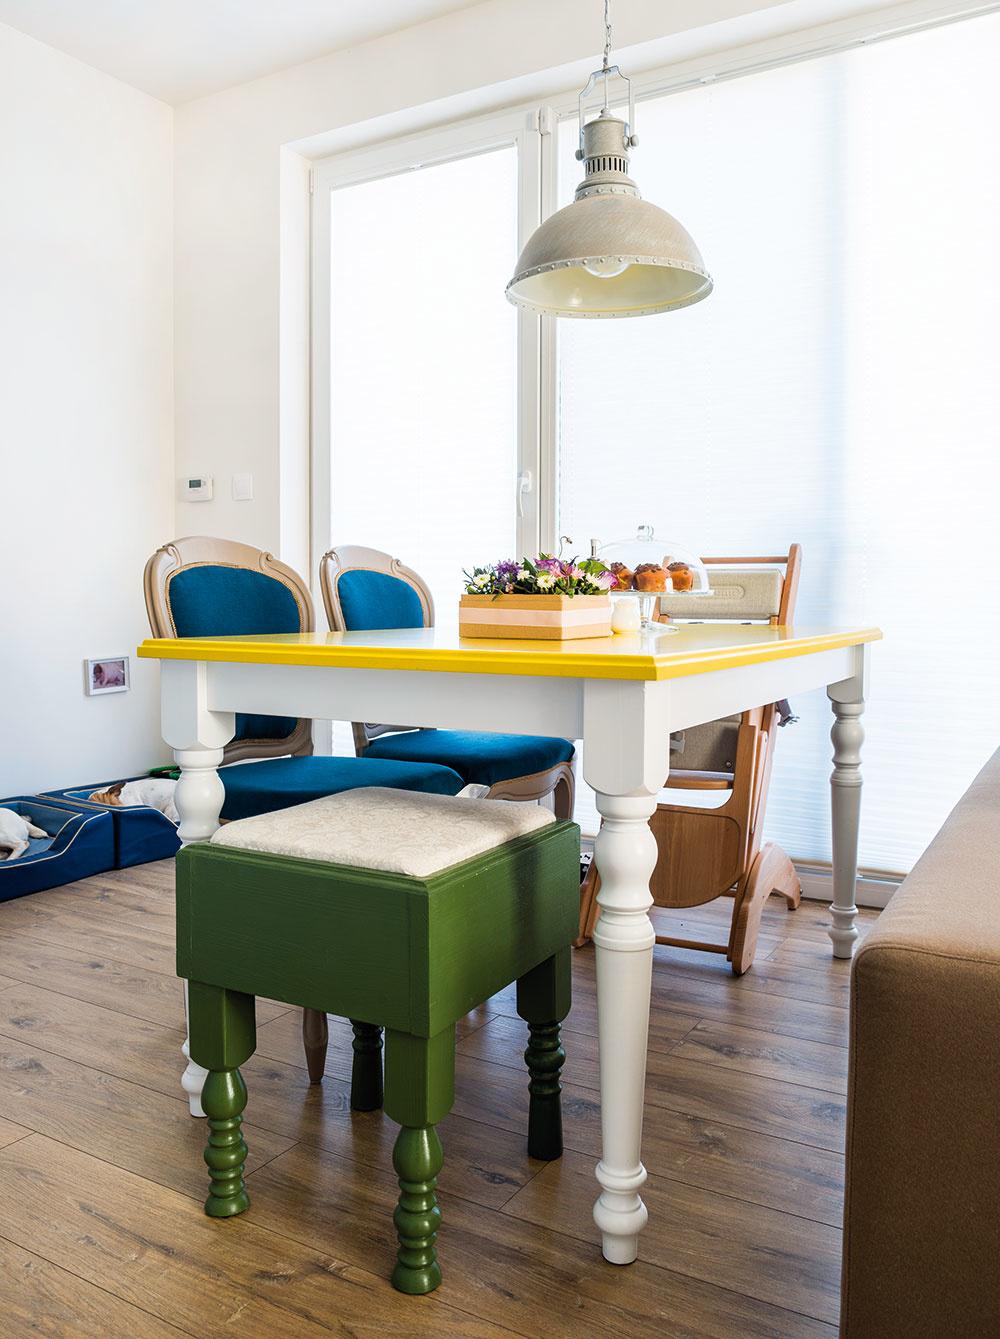 Zaujímavo a za rozumnú cenu – to bola architektkina méta pri zariaďovaní vlastného bytu. Viacero vecí presne podľa tohto kritéria, napríklad jedálenské stoličky, taburetky a príručný stolík z kufra, našla na Sashe.